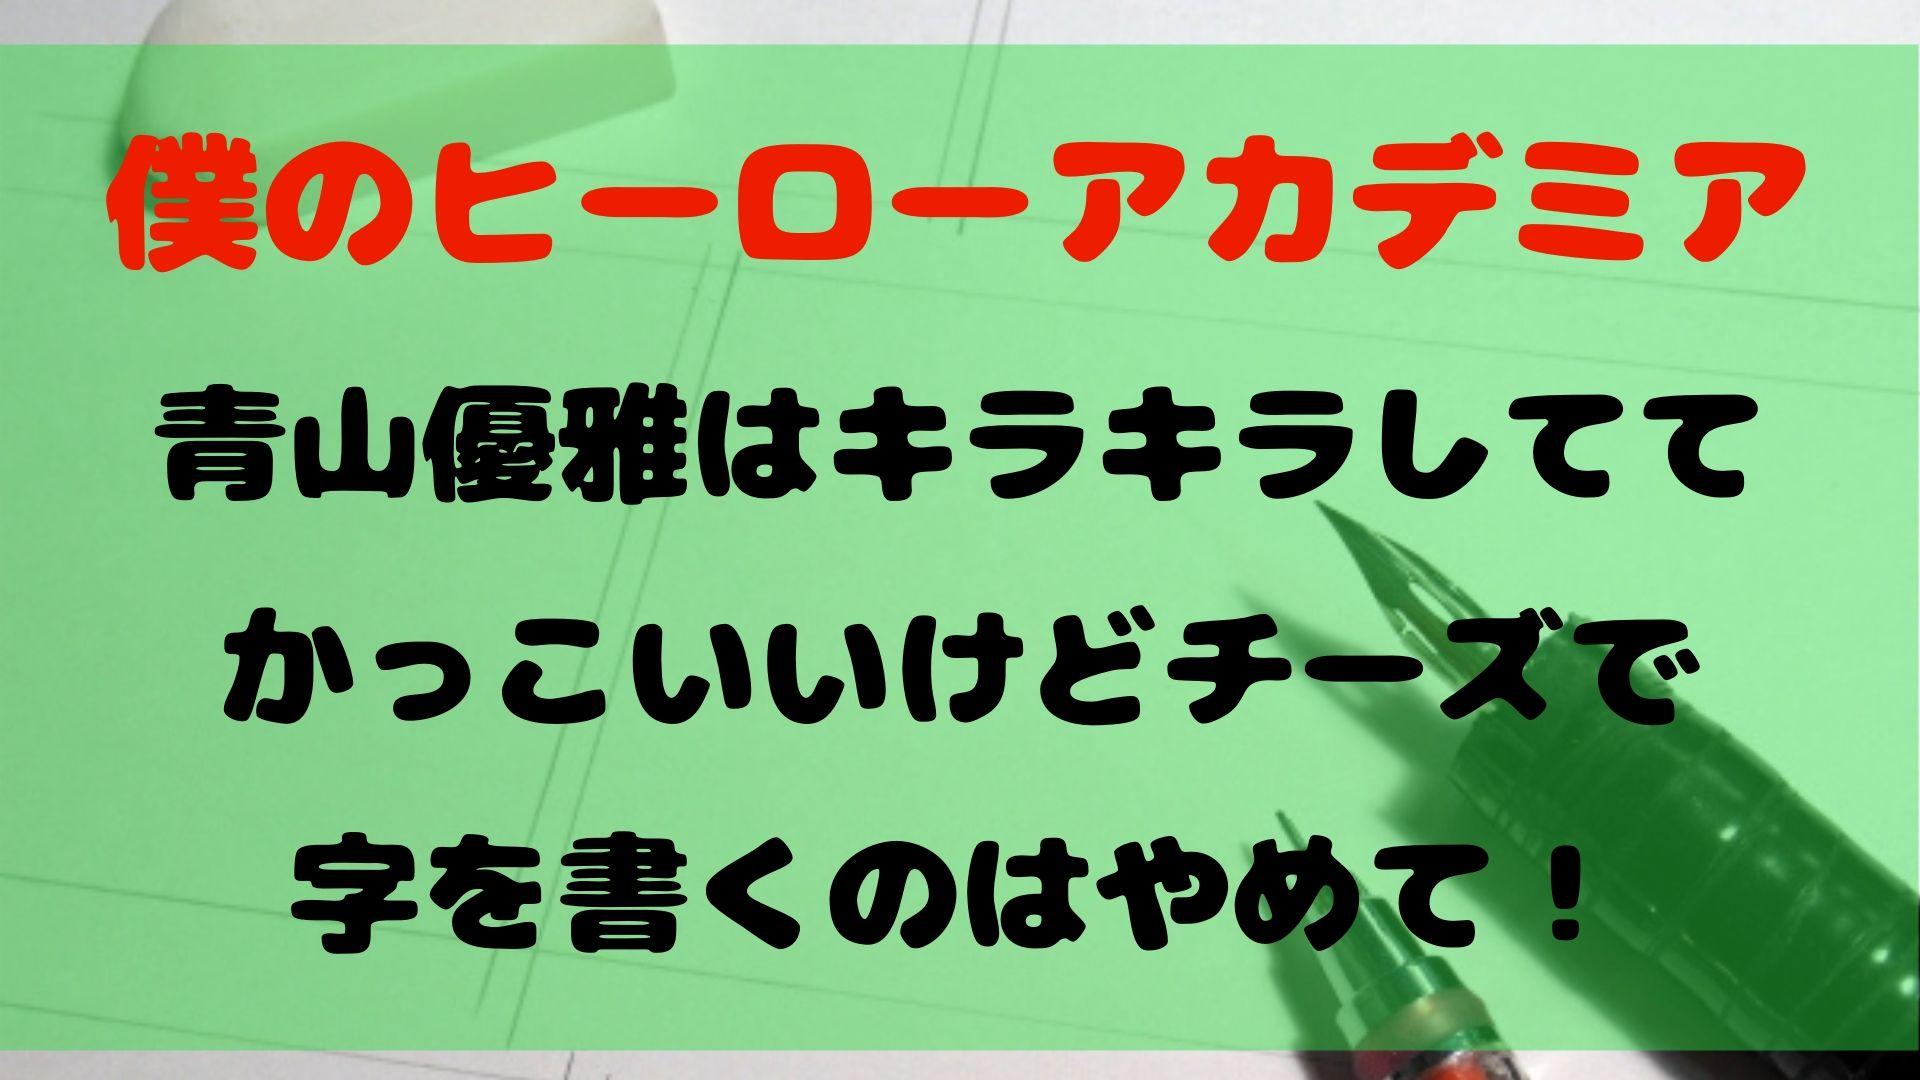 青山優雅はキラキラしててかっこいいけどチーズで字を書くのはやめて!